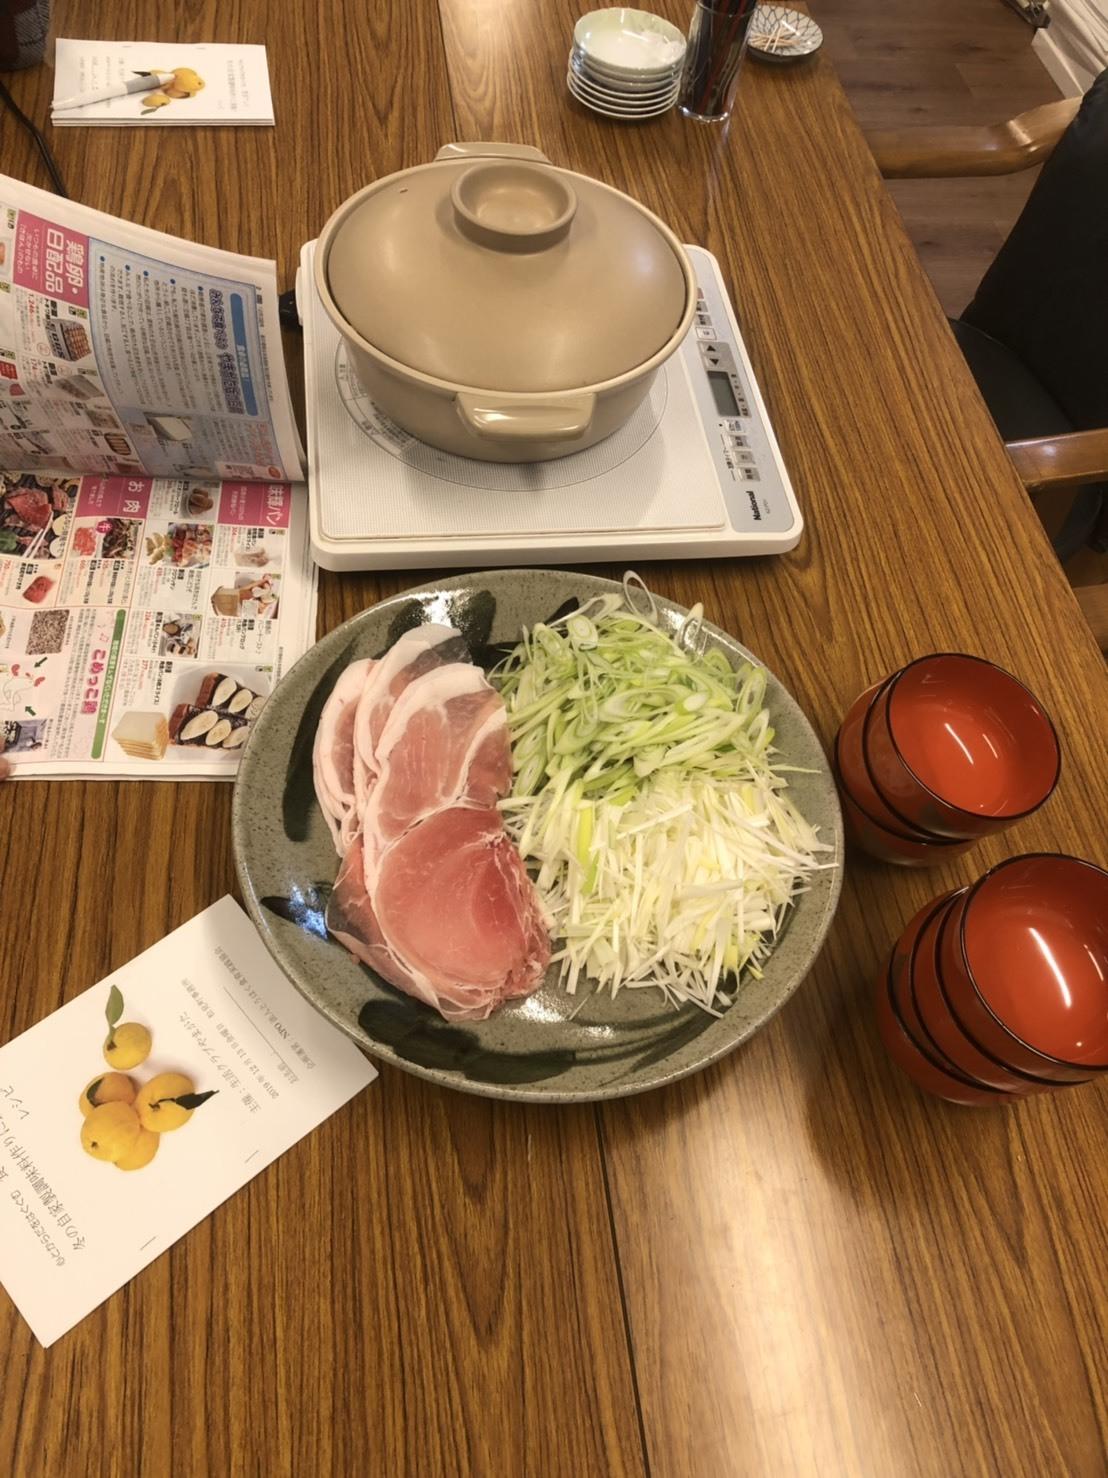 第2回食育フェスin山形~冬の自家製調味料作りに挑戦!~_b0297136_11511364.jpg